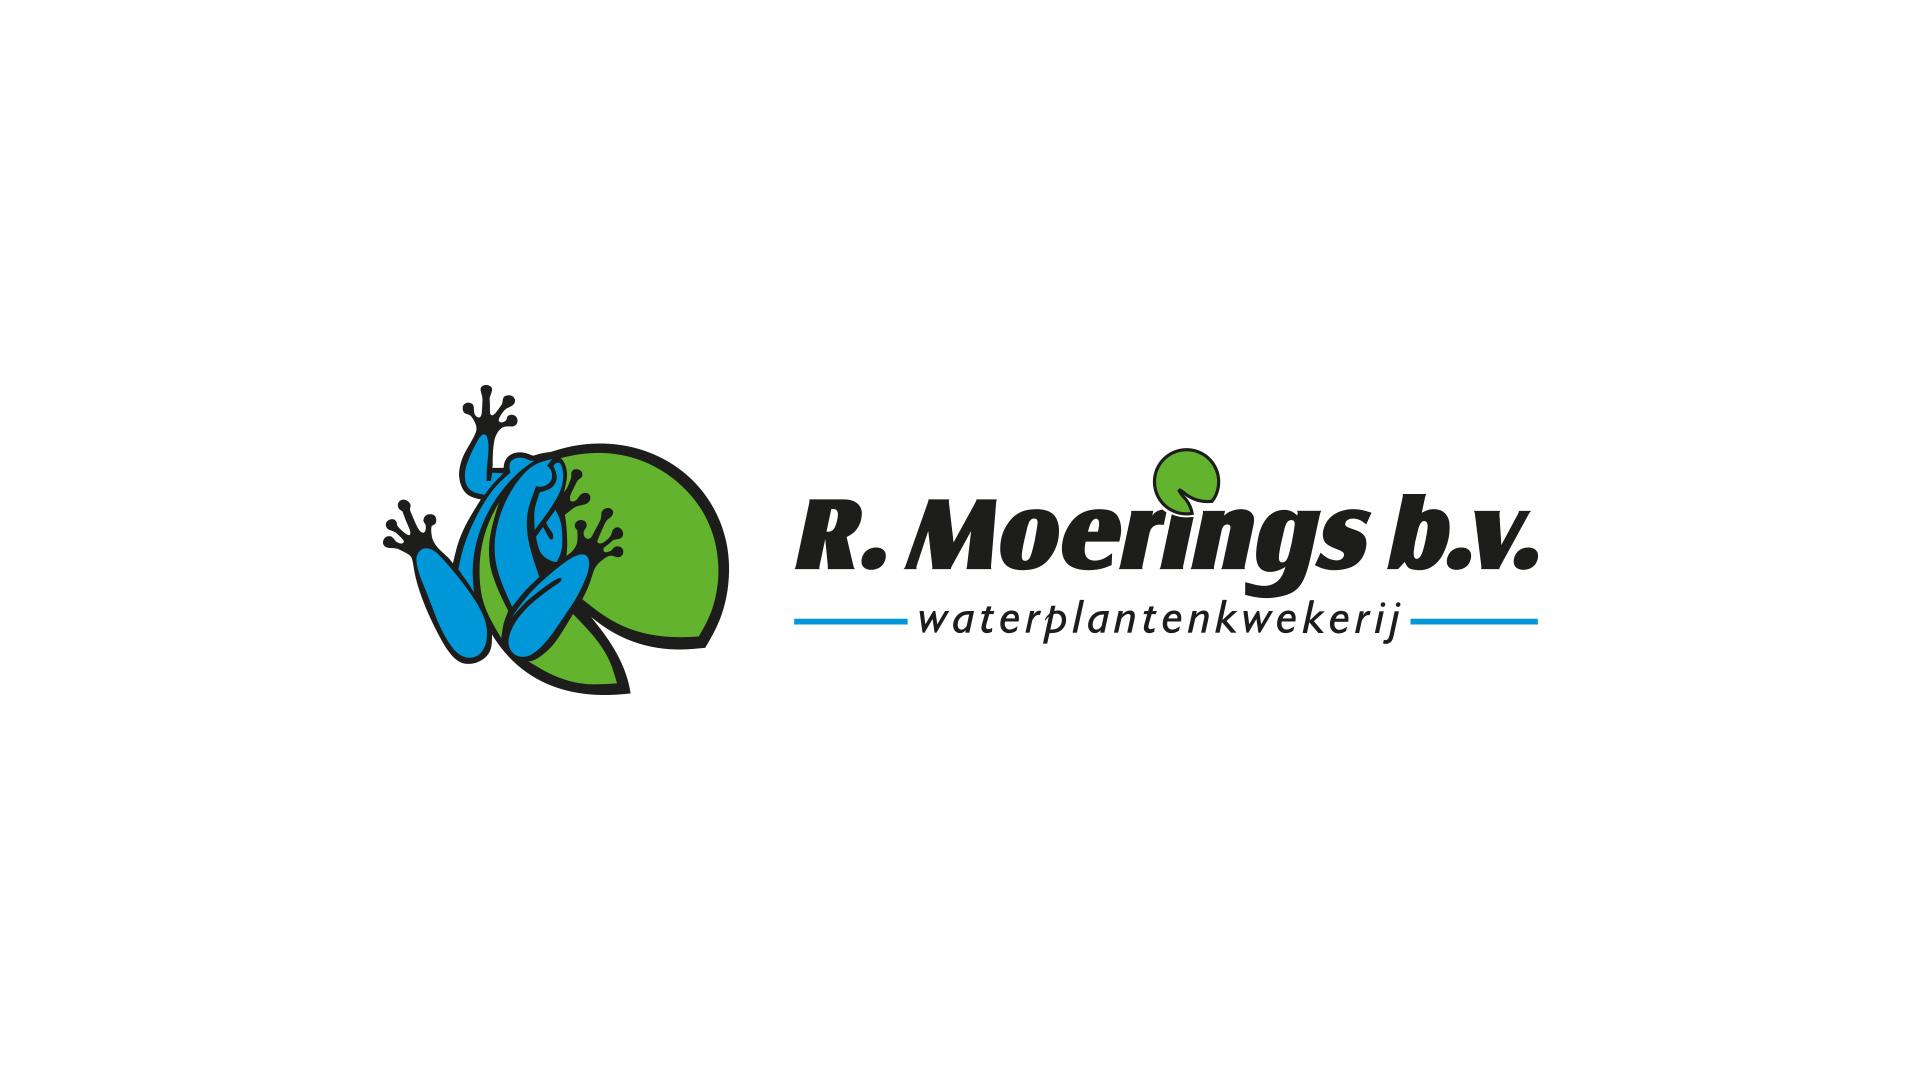 R. Moerings Waterplantenkwekerij